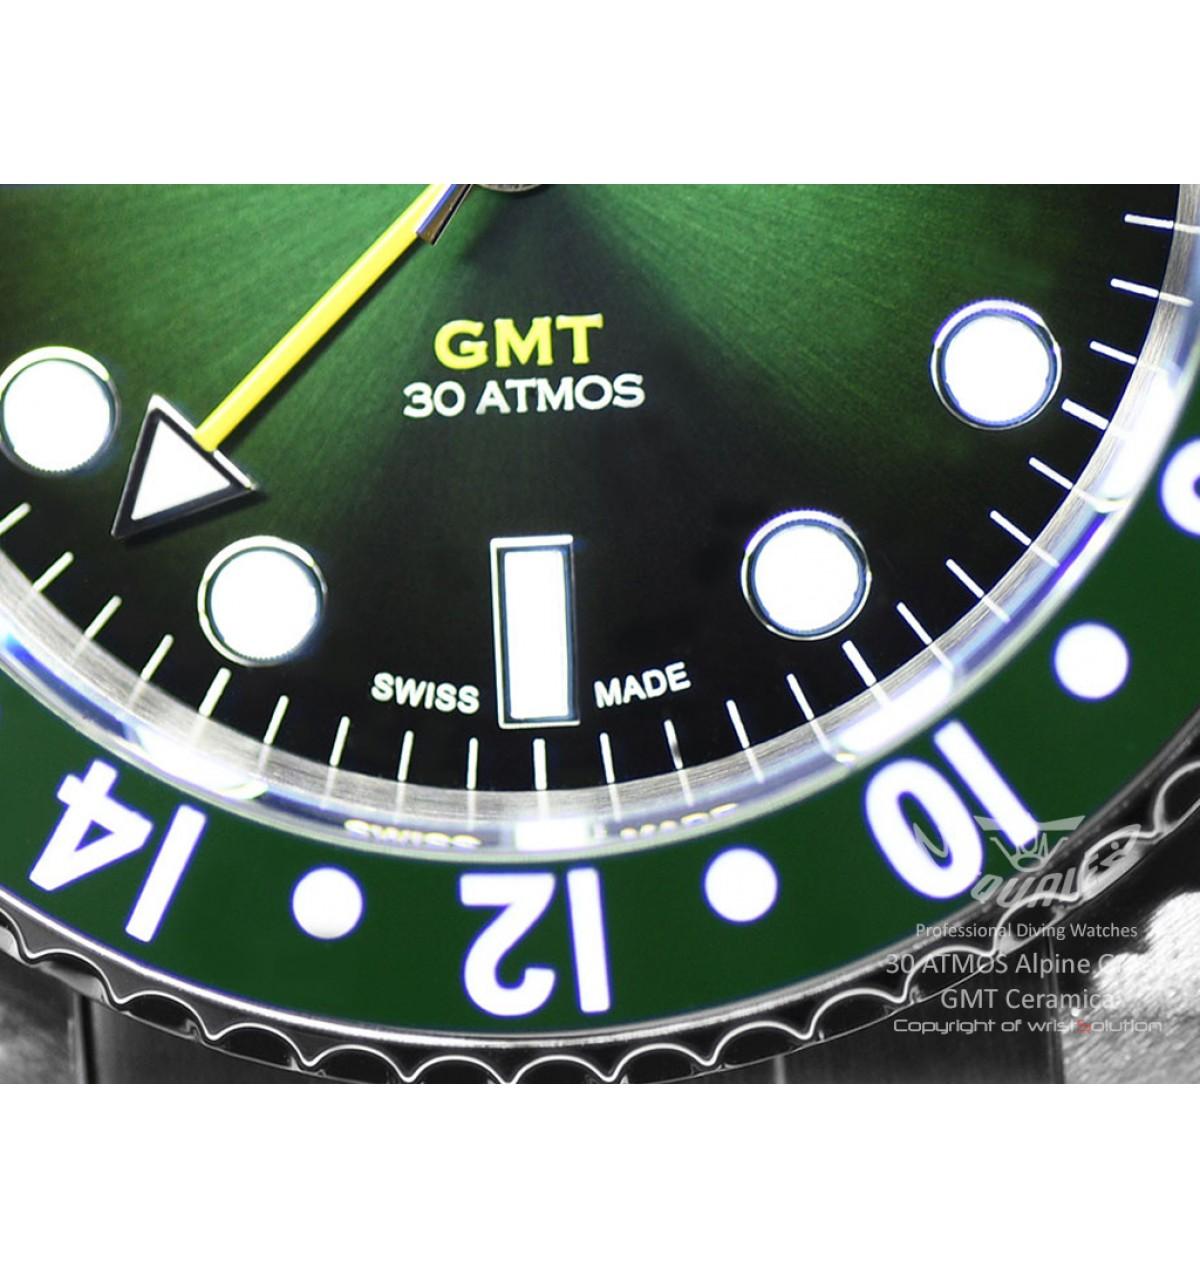 30 ATMOS Alpine Green GMT Ceramica